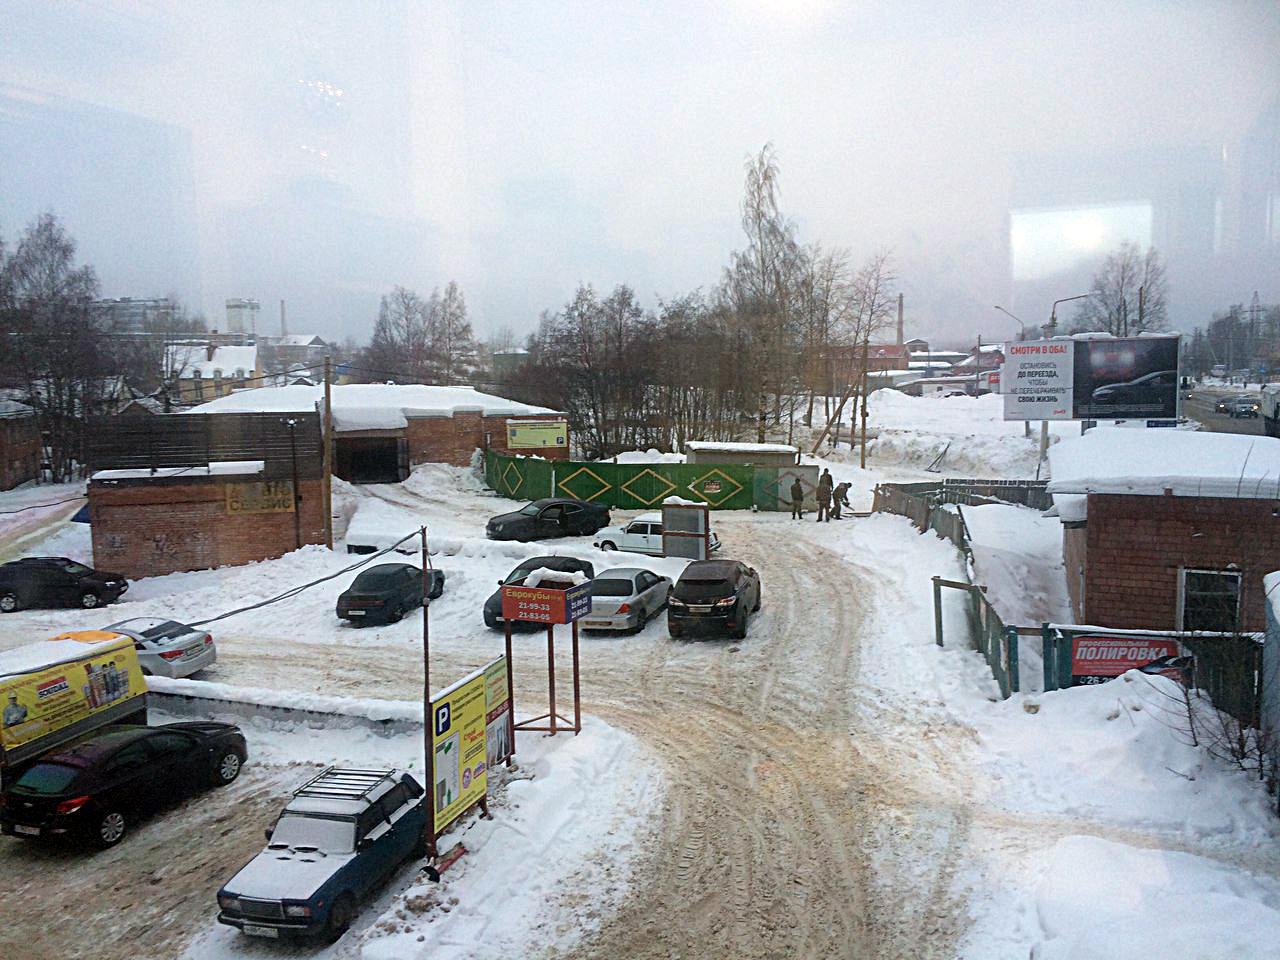 Собственники гаражных боксов, выступающие против строительства магазина, могут оспорить действия председателя кооператива в суде - администрация Сыктывкара